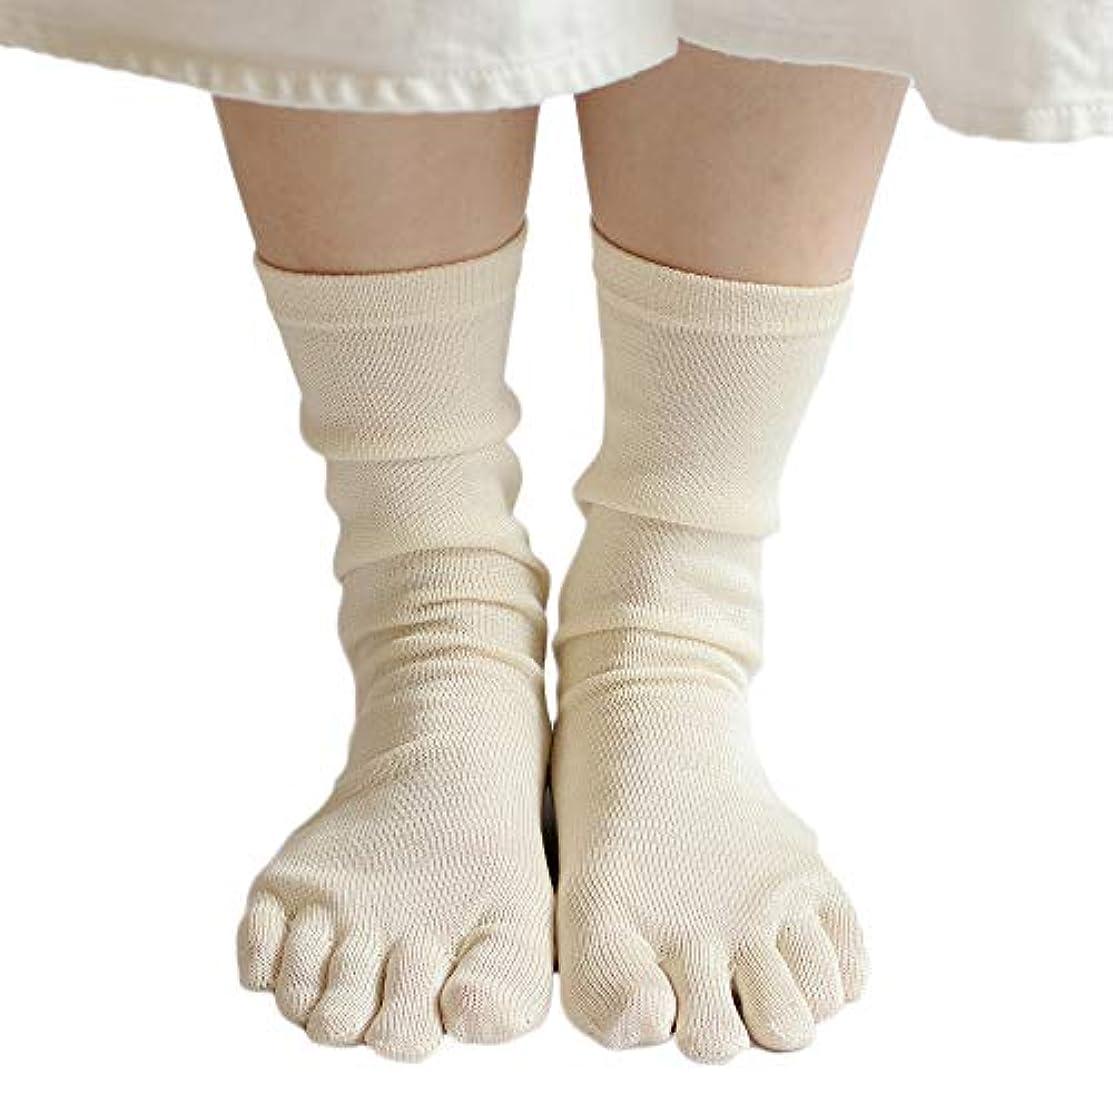 作物公平負担タイシルク 100% 五本指 ソックス 3足セット かかとあり 上質なシルクを100%使用した薄手靴下 重ね履きのインナーソックスや冷えとりに